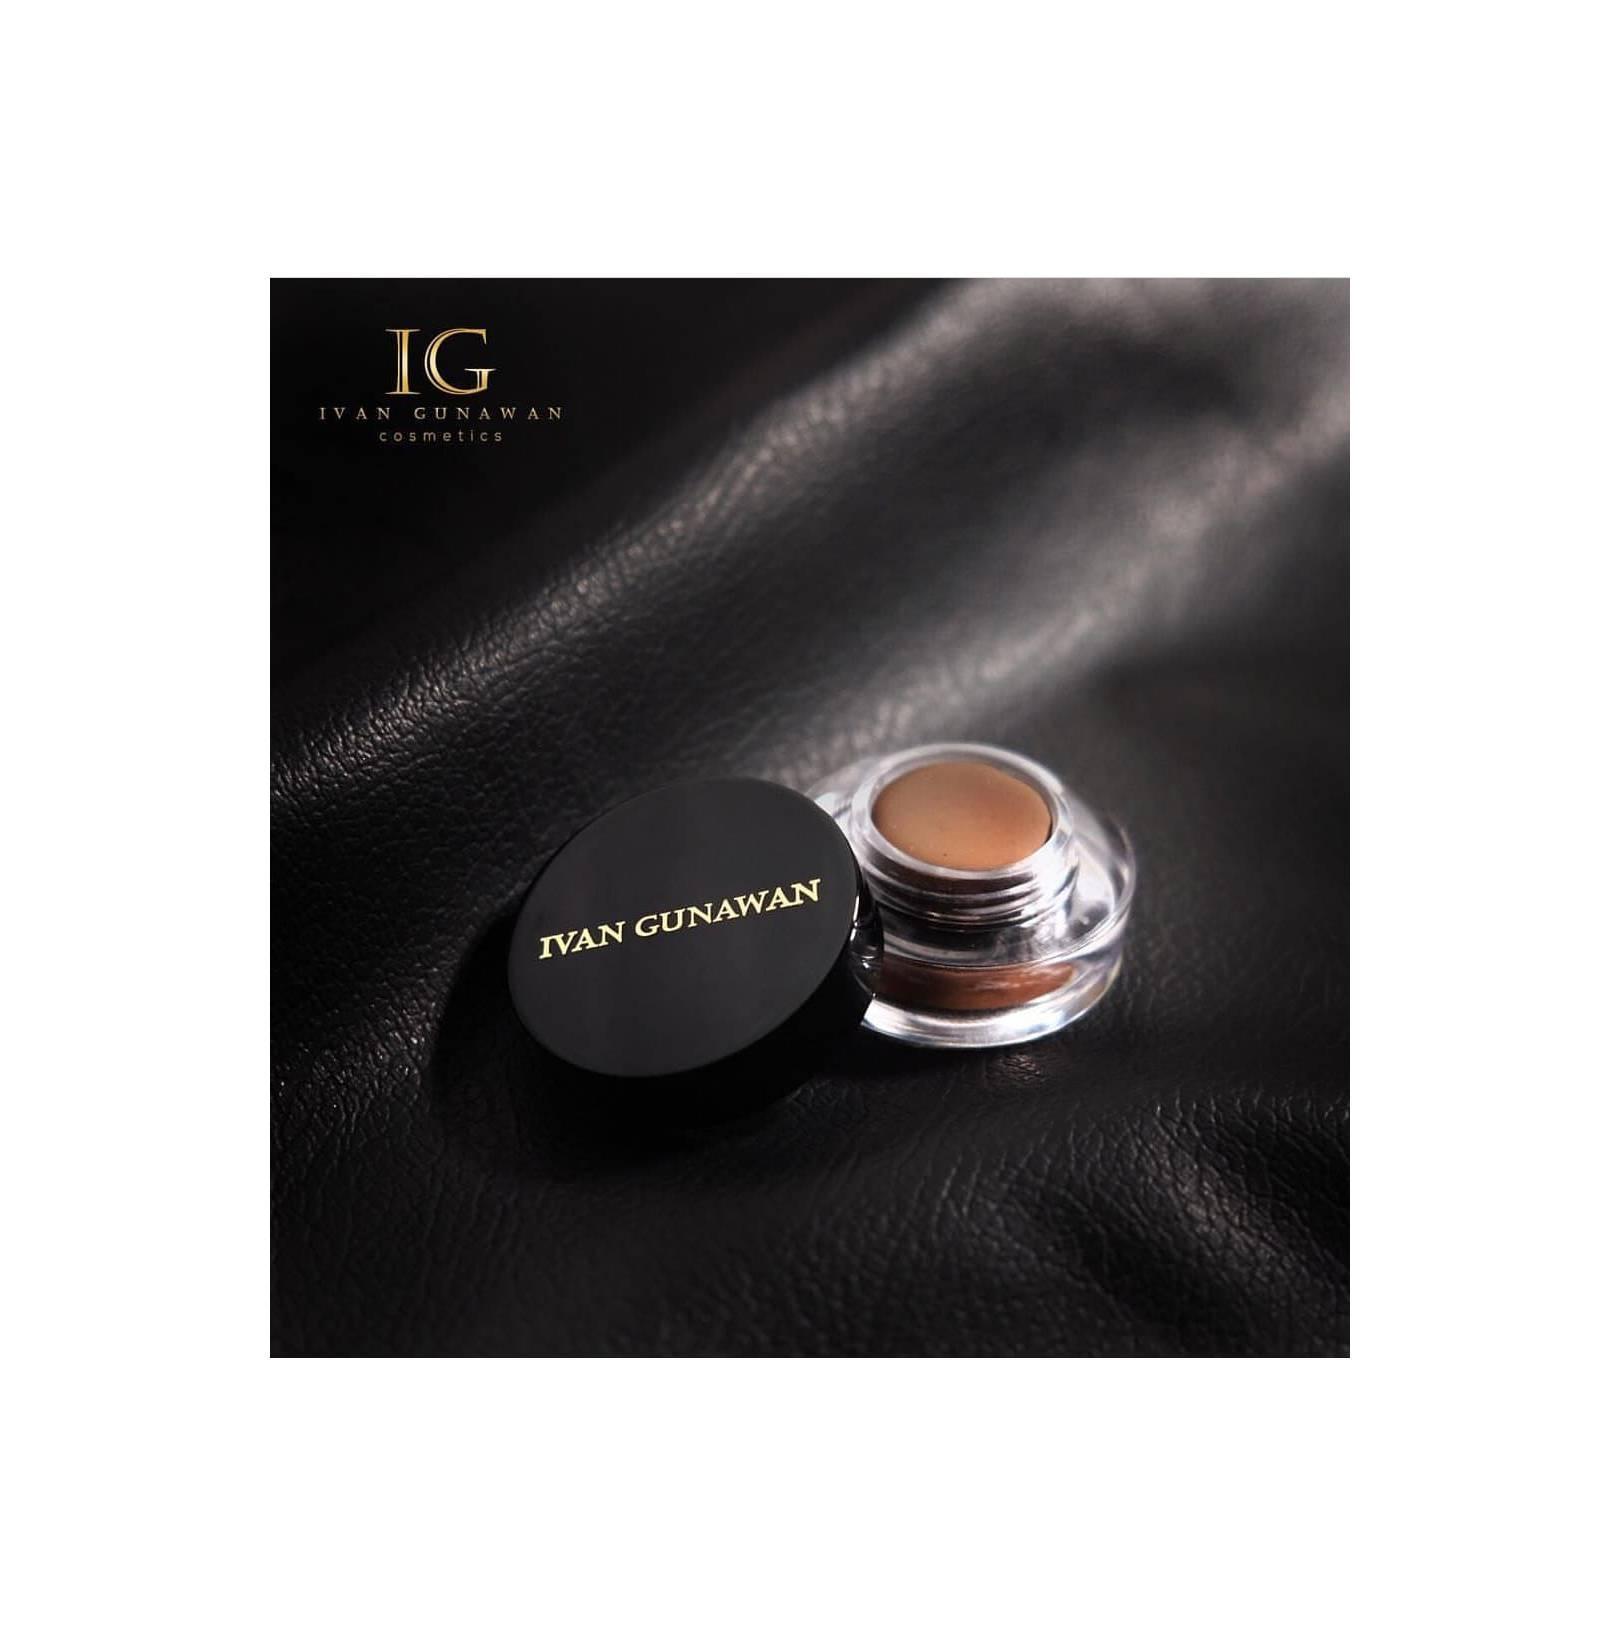 Ivan Gunawan Alysia Brows - Eyebrow Gel - Inez Cosmetics